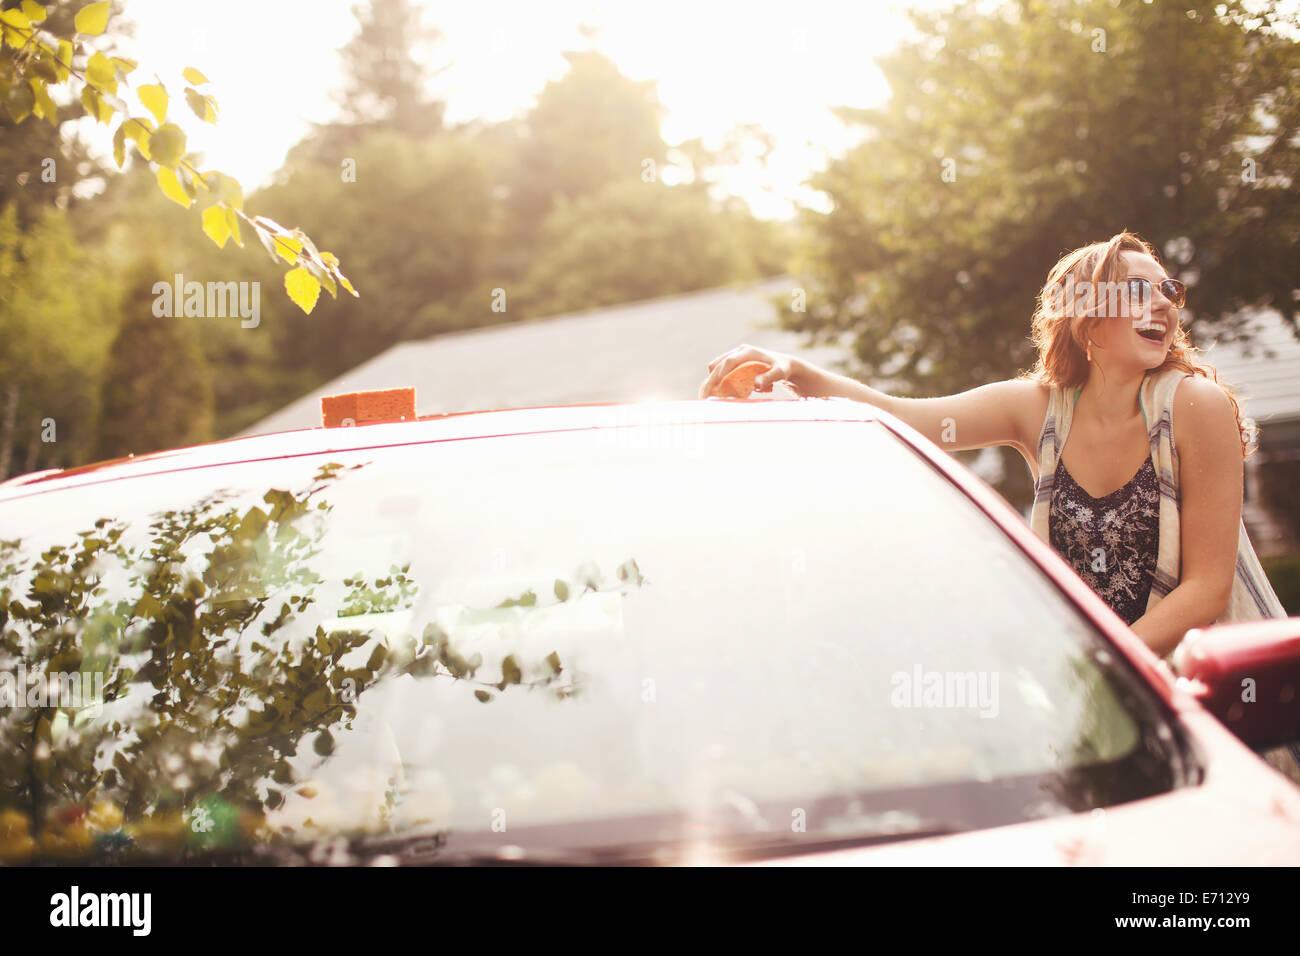 Young woman washing car Photo Stock